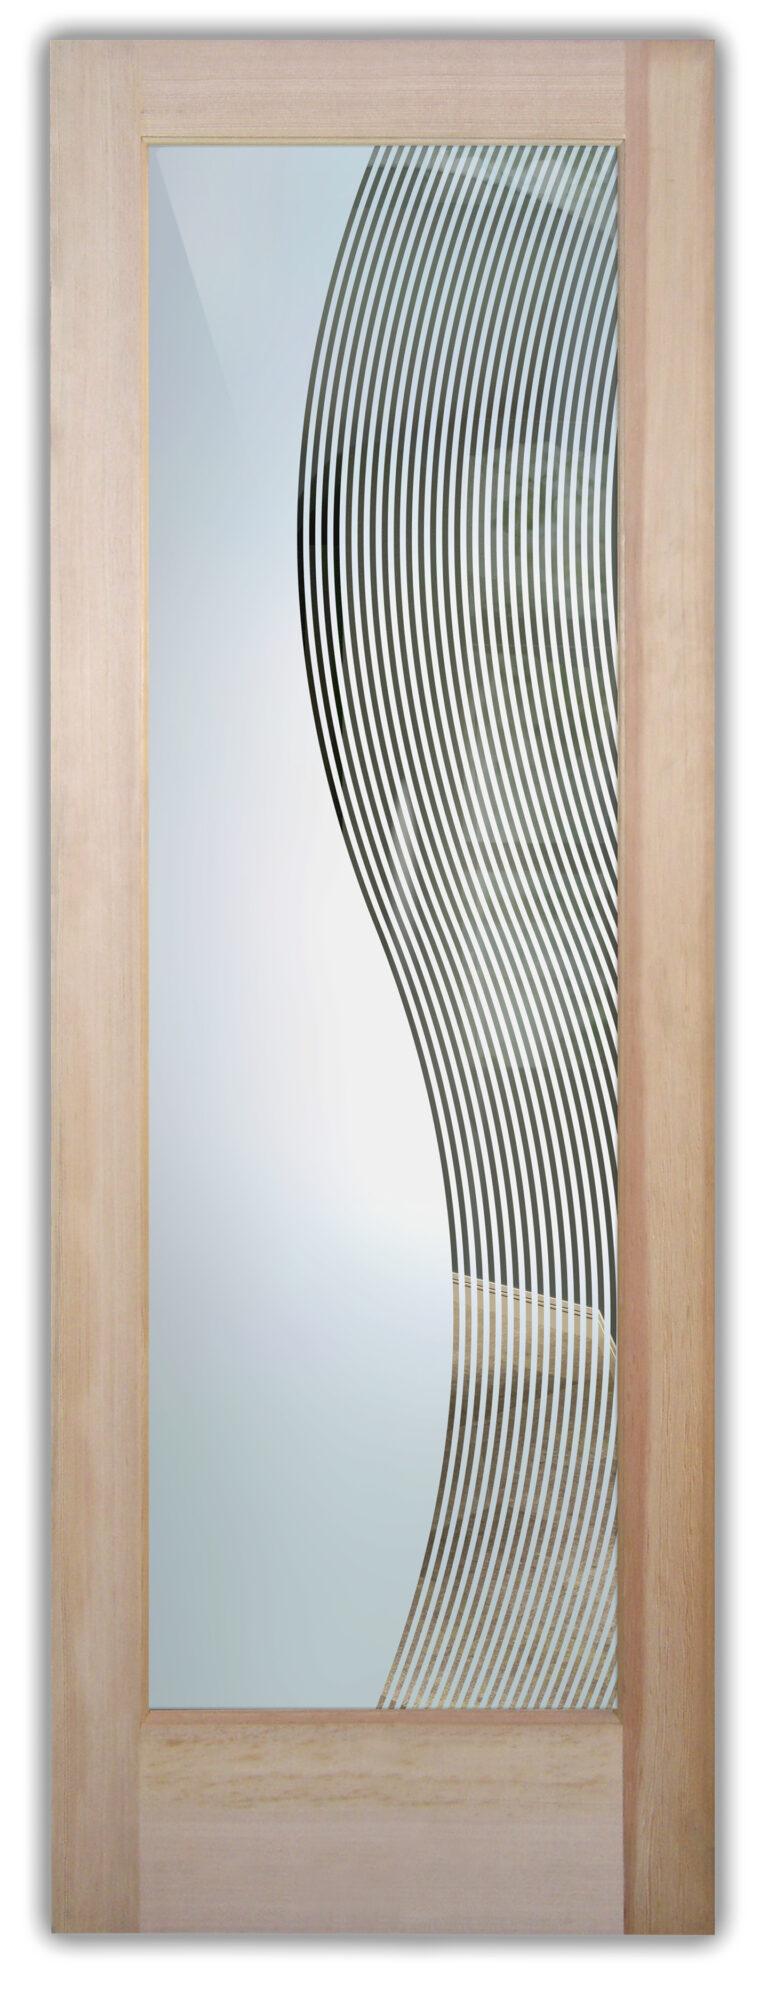 Divise Stripes